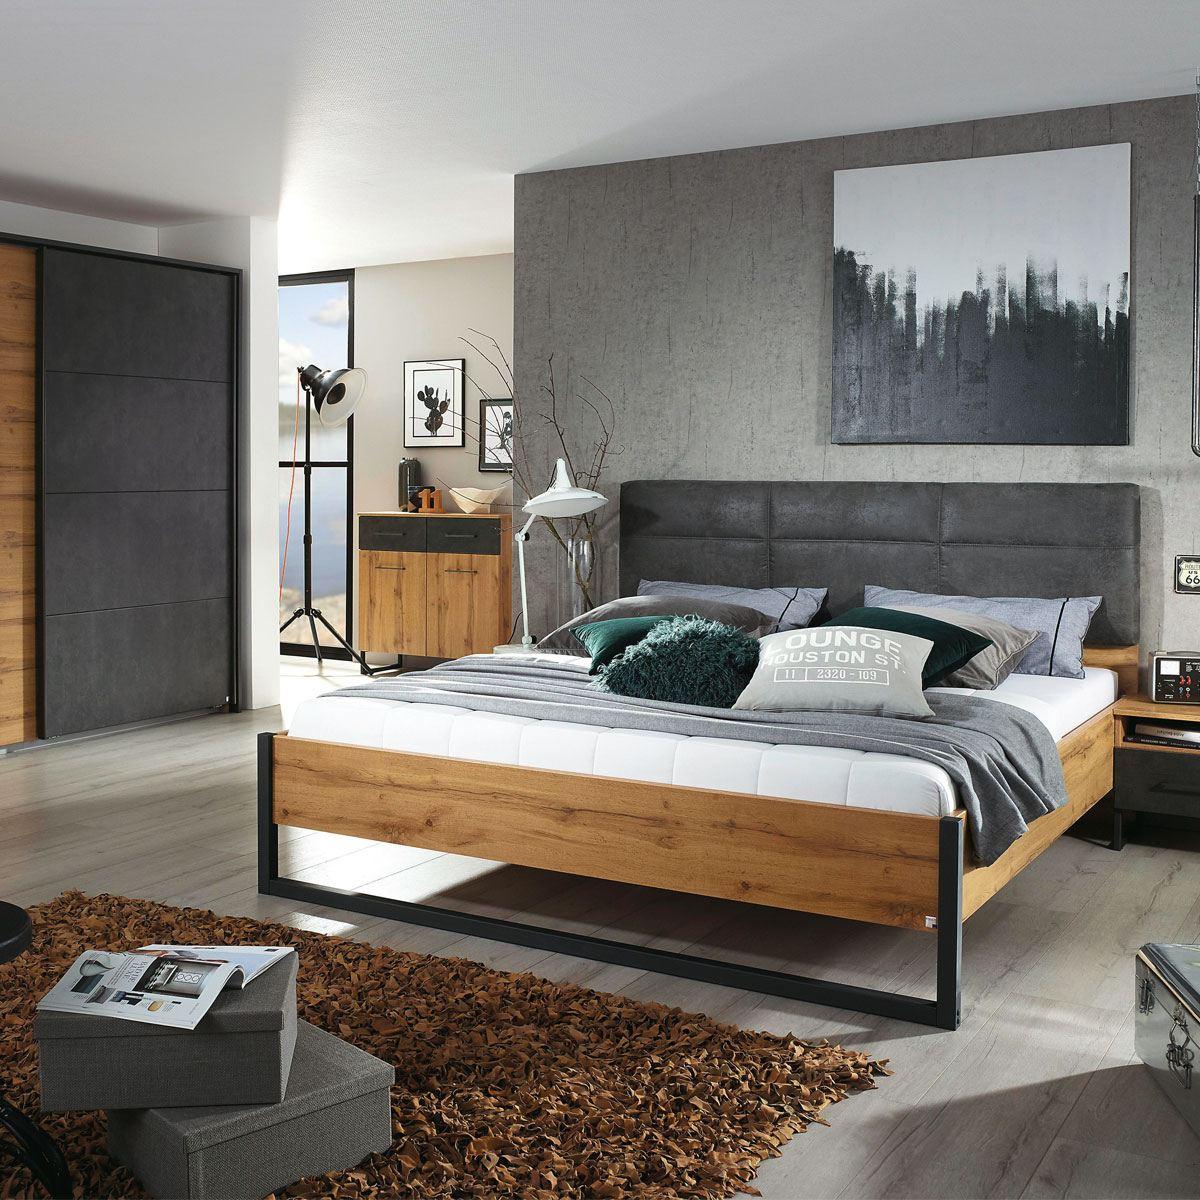 Rauch Packs Tampa Schlafzimmer 4-teilig bestehend aus Bett Nachttischen und  Schwebetürenschrank mit Passepartout-Rahmen Farbausführung Dekor-Druck ...